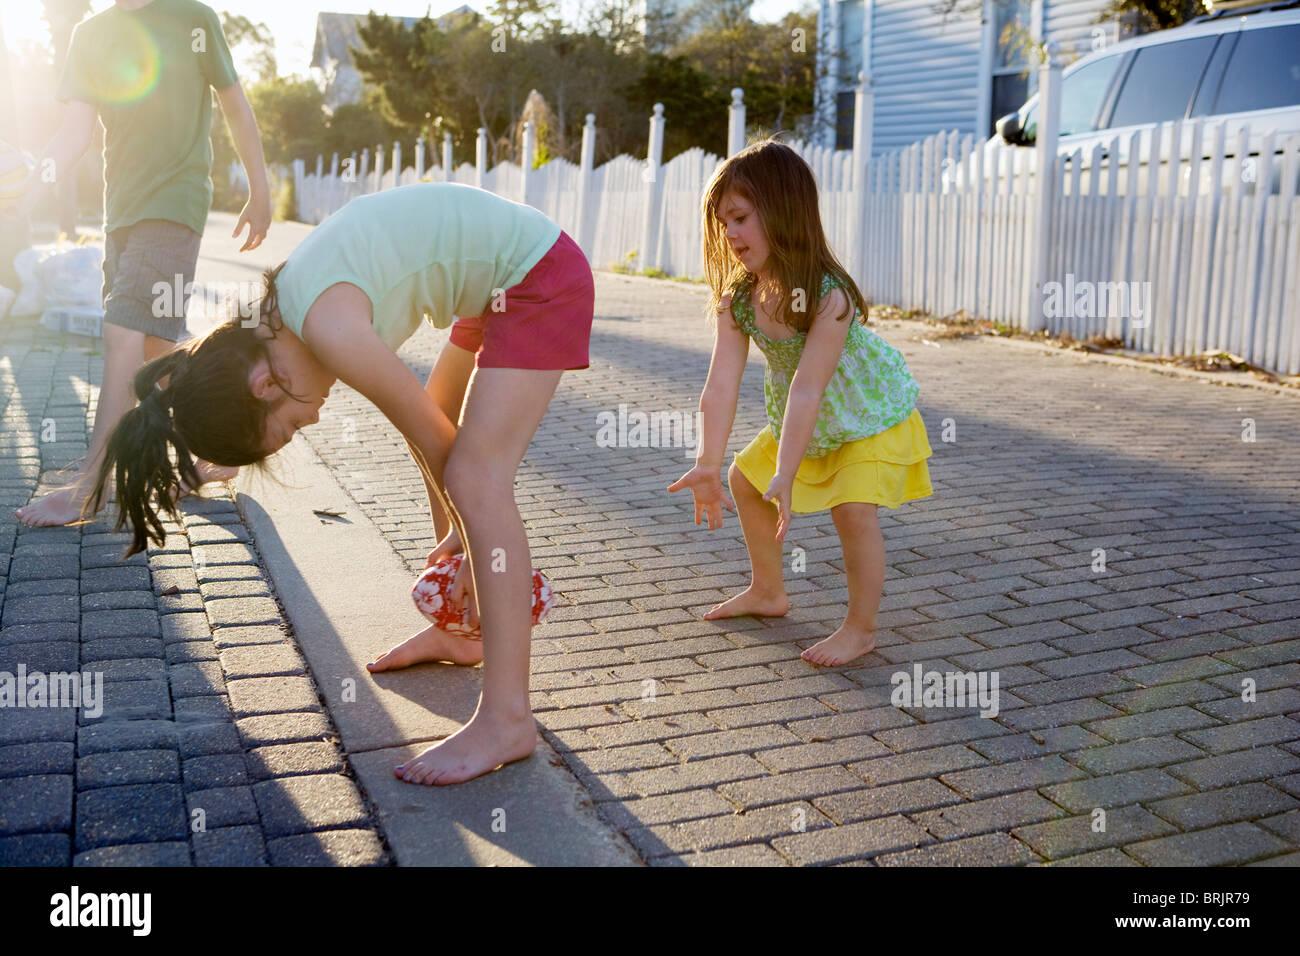 Dos niñas juegan al fútbol en un callejón con el sol en el fondo. Imagen De Stock